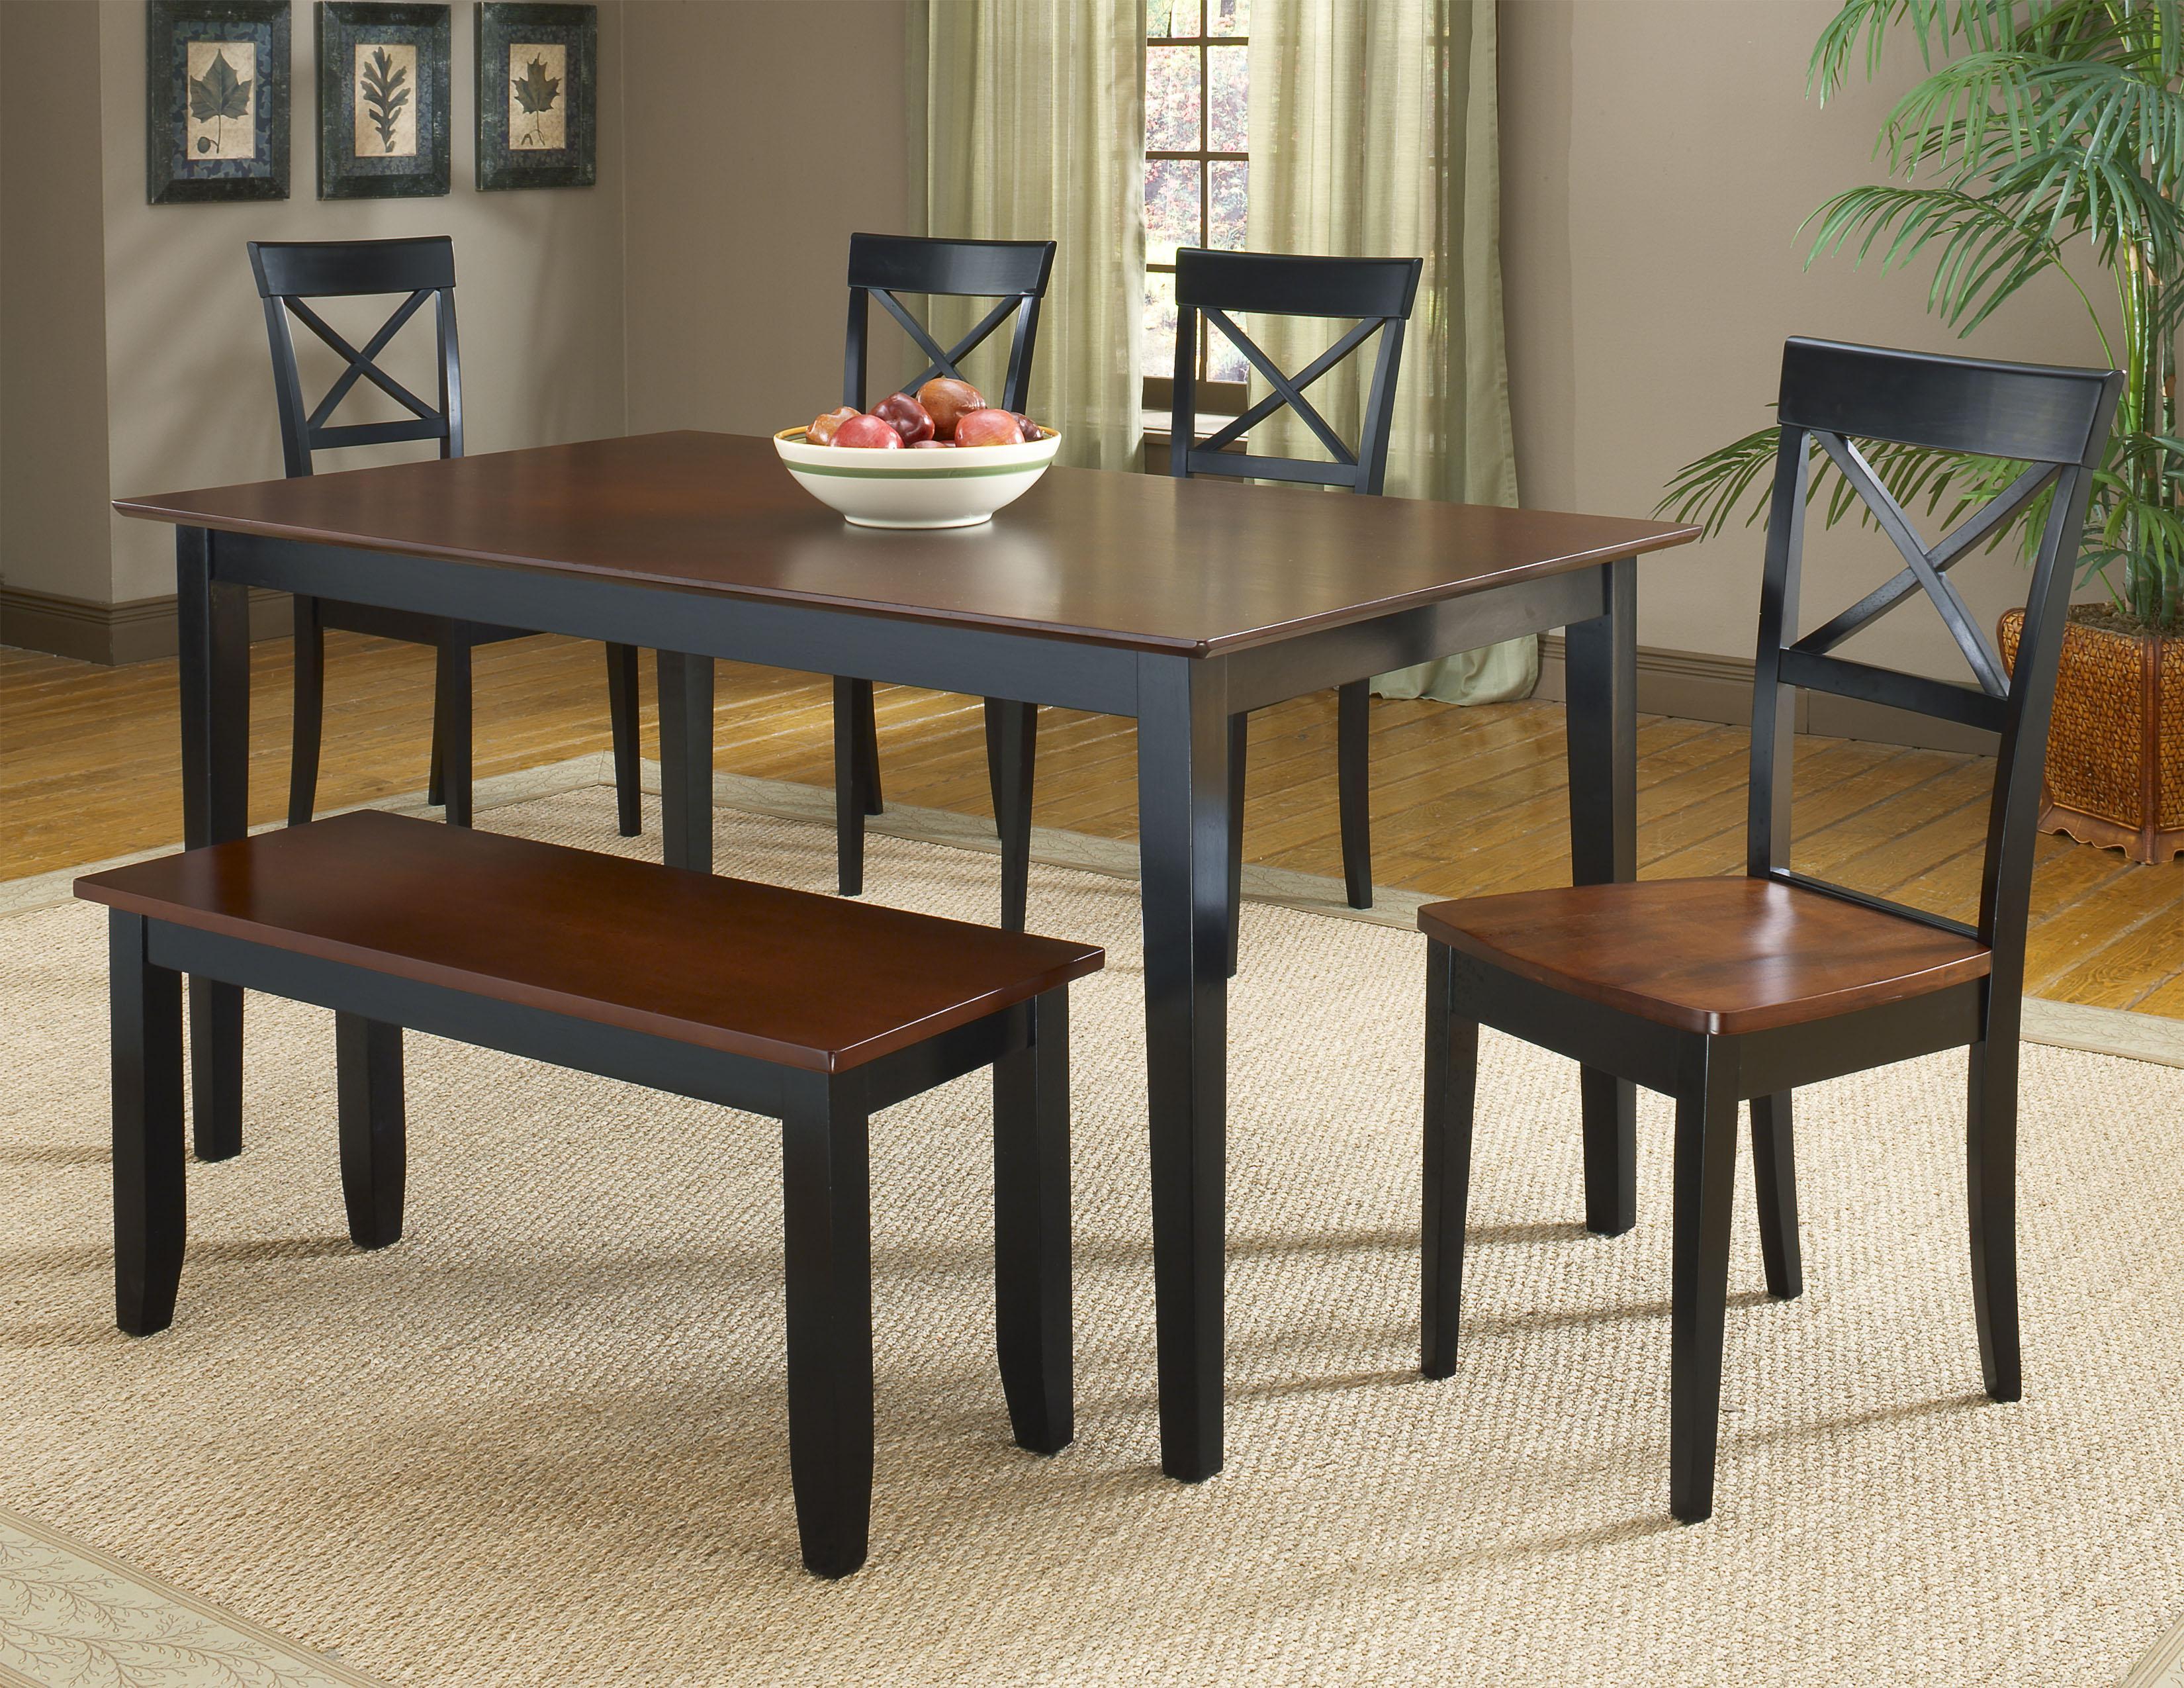 Bernards Jaguar 6-Piece Dinette Table Set with Bench - Item Number: 5110+4x11+13